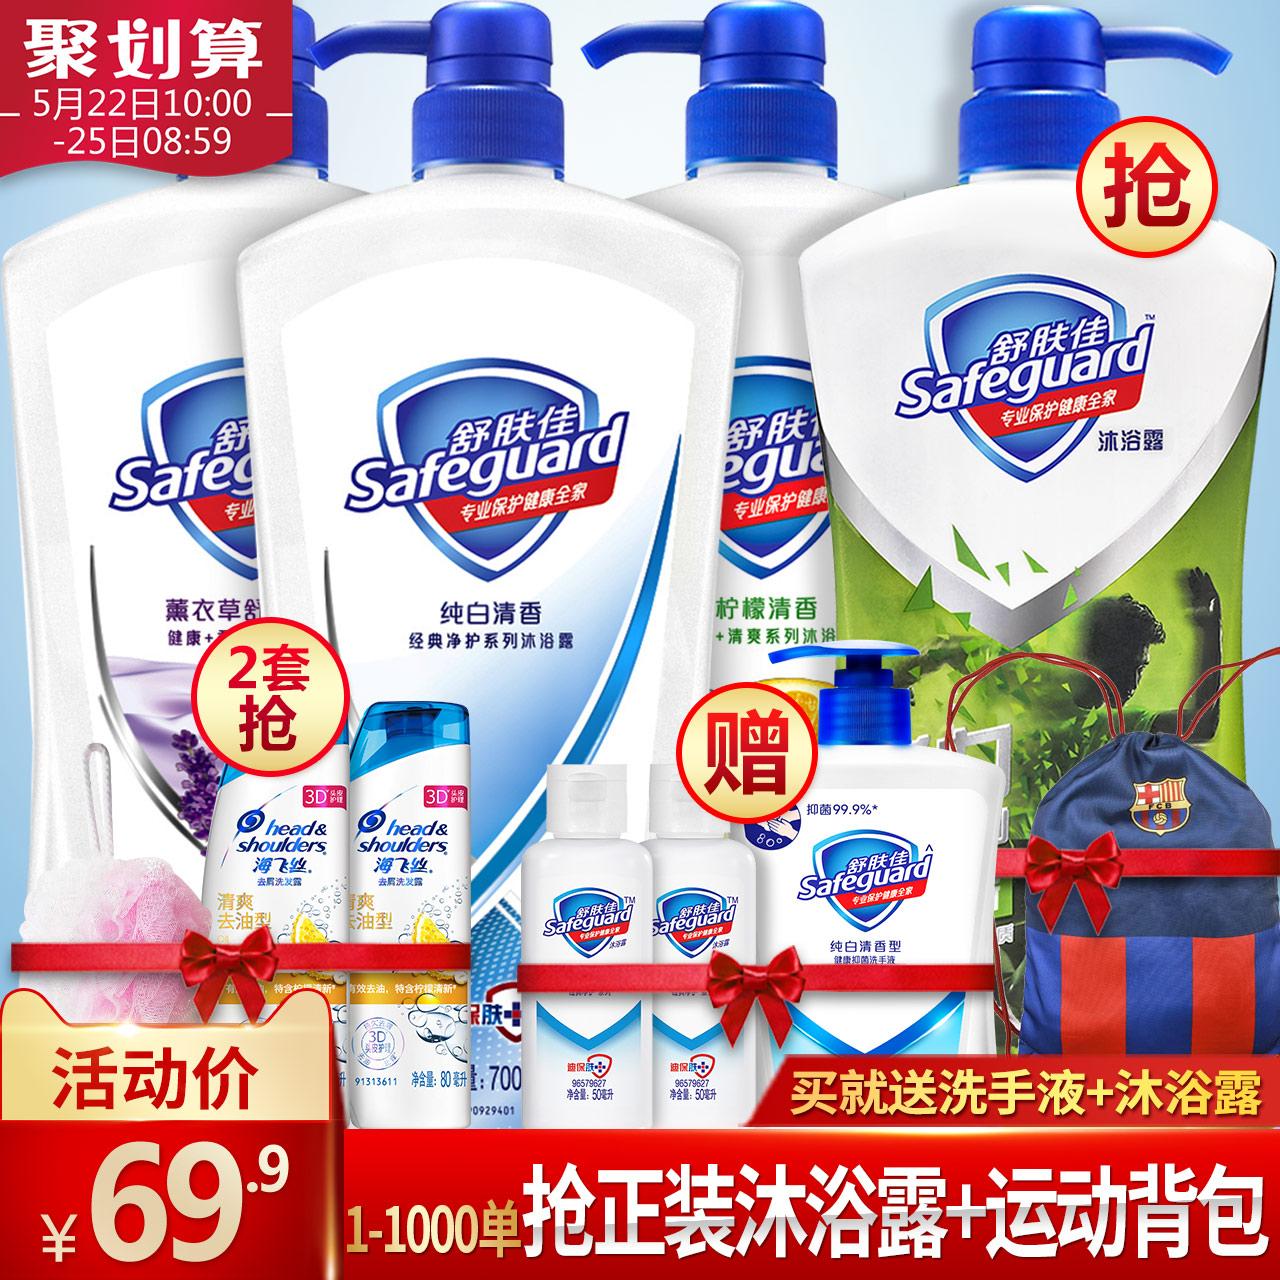 Удобный кожа хорошо гель для душа продолжительный оставаться ладан семья мужской и женщины сокровище чистый все тело увлажняющий ванна молоко установите 700ml*3